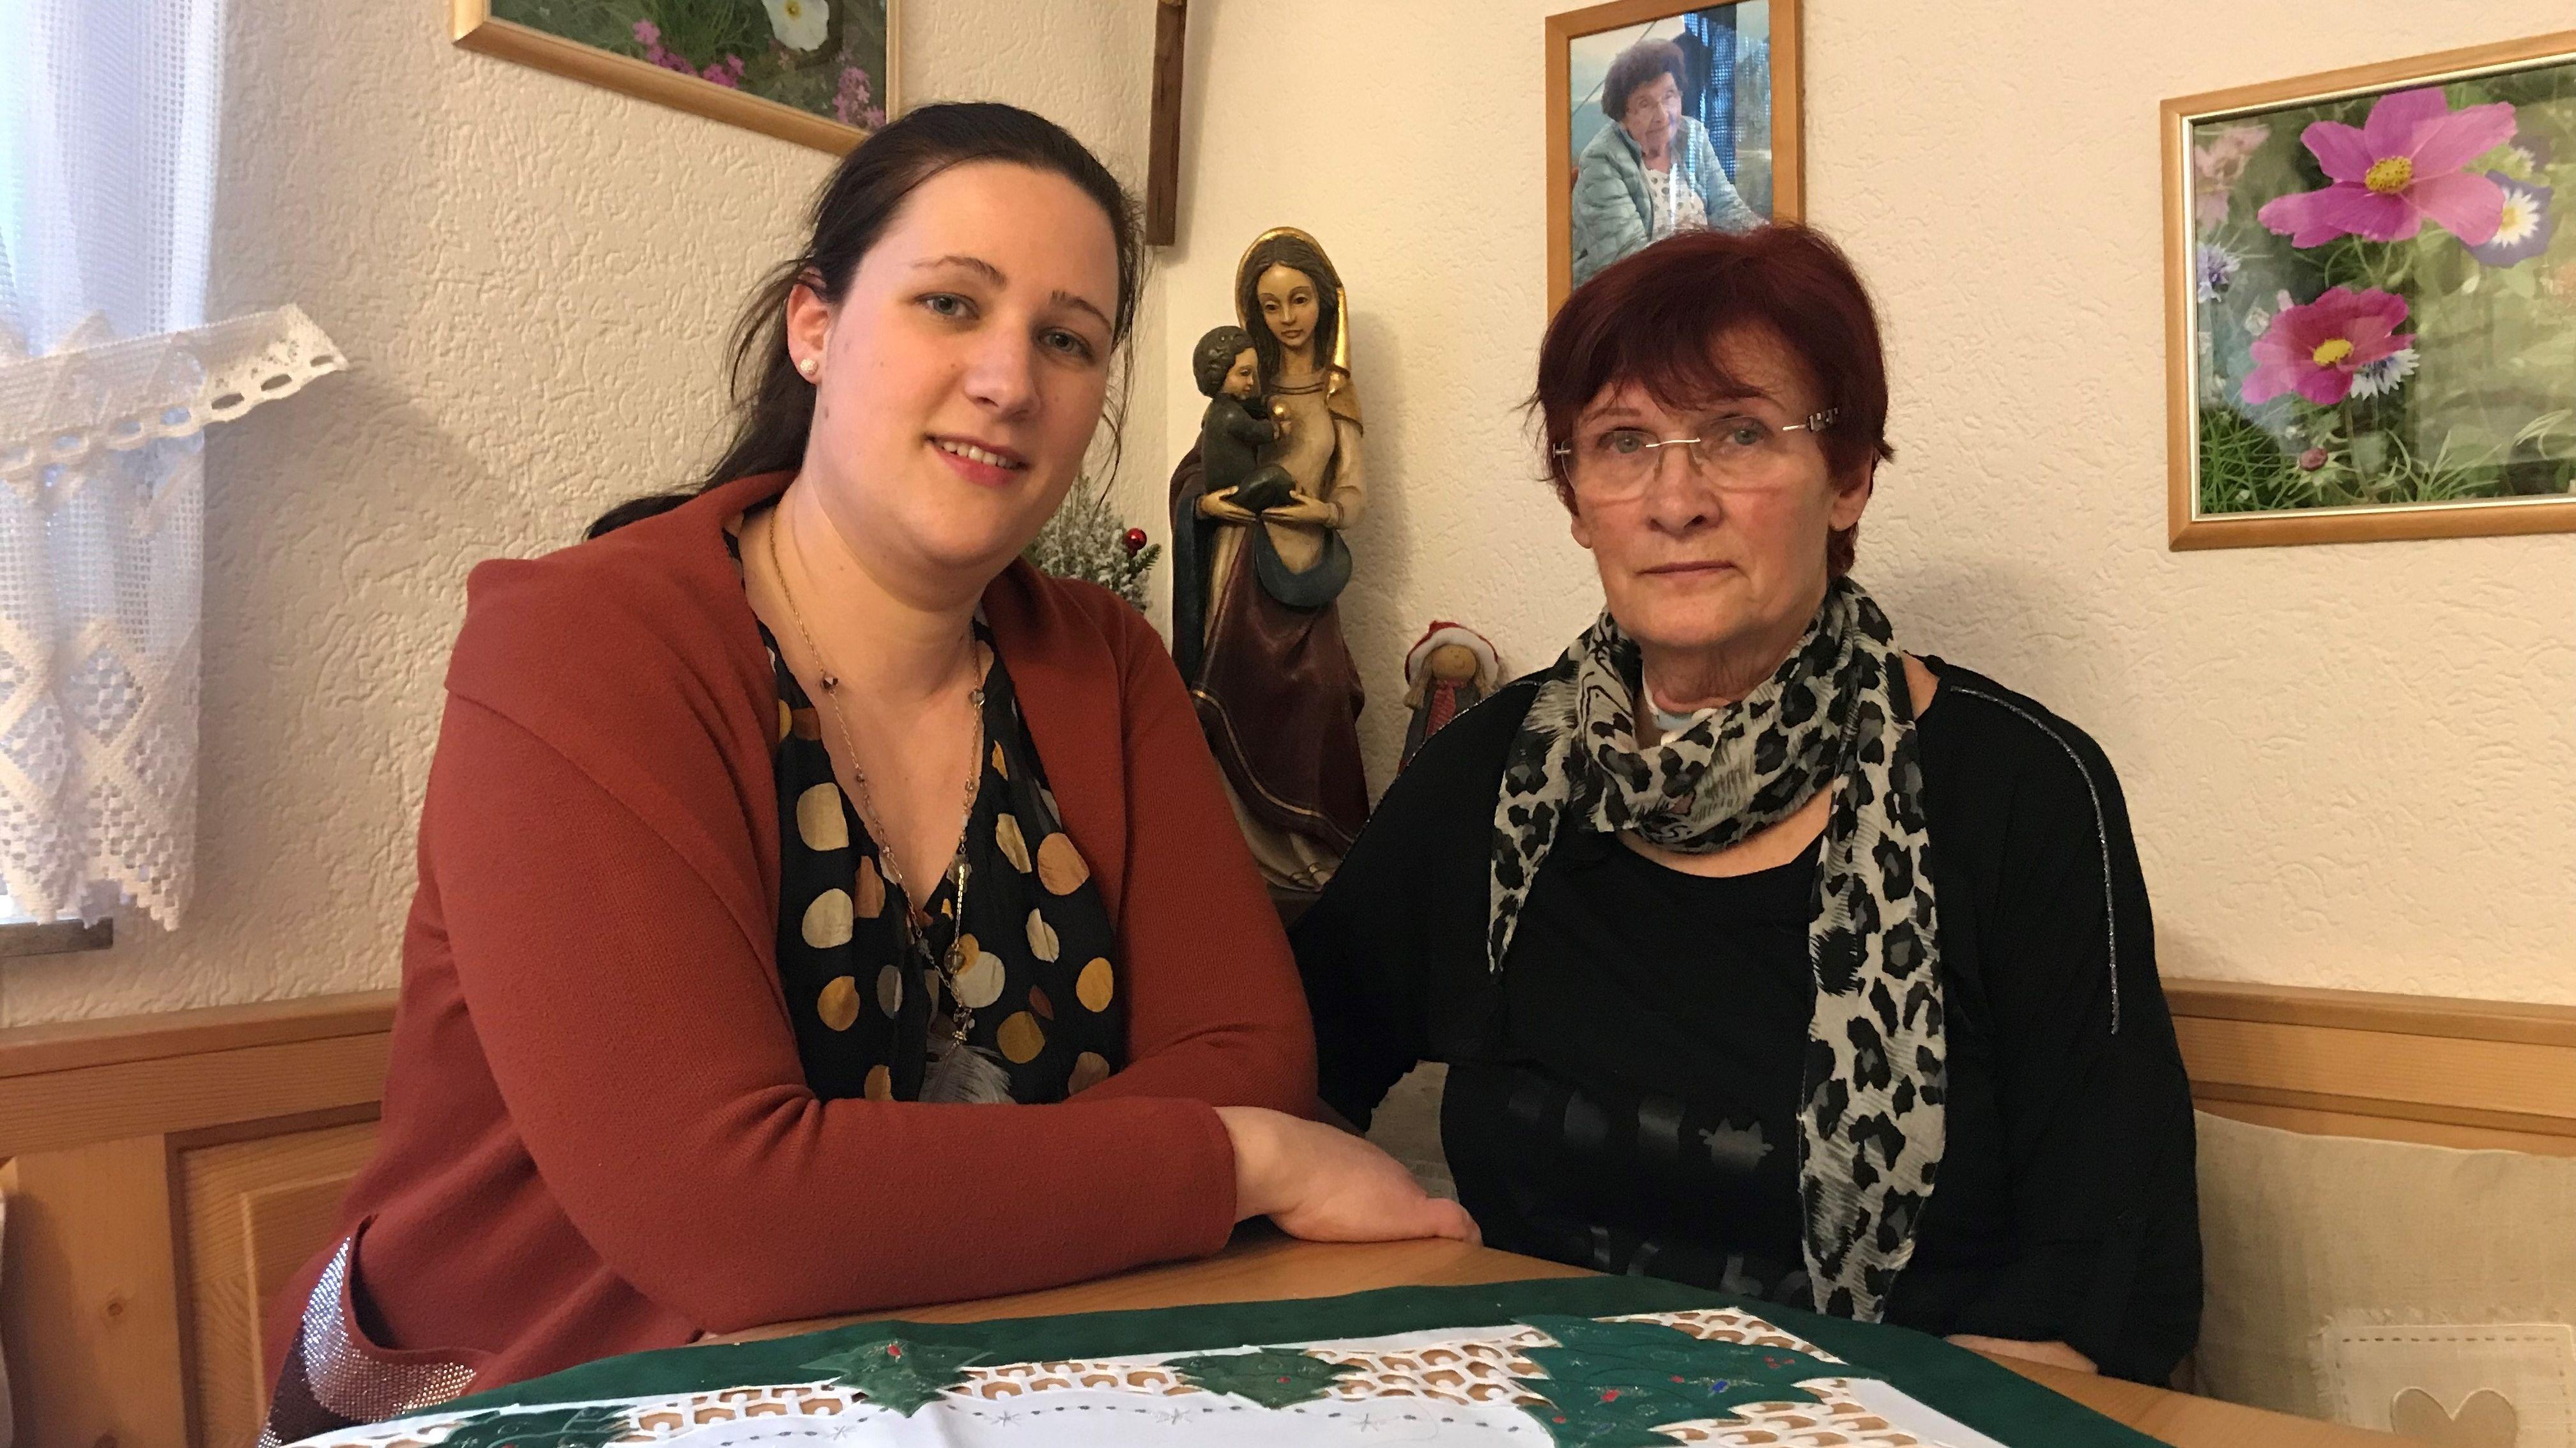 Judith Vogt mit ihrer Mutter in Würzburg